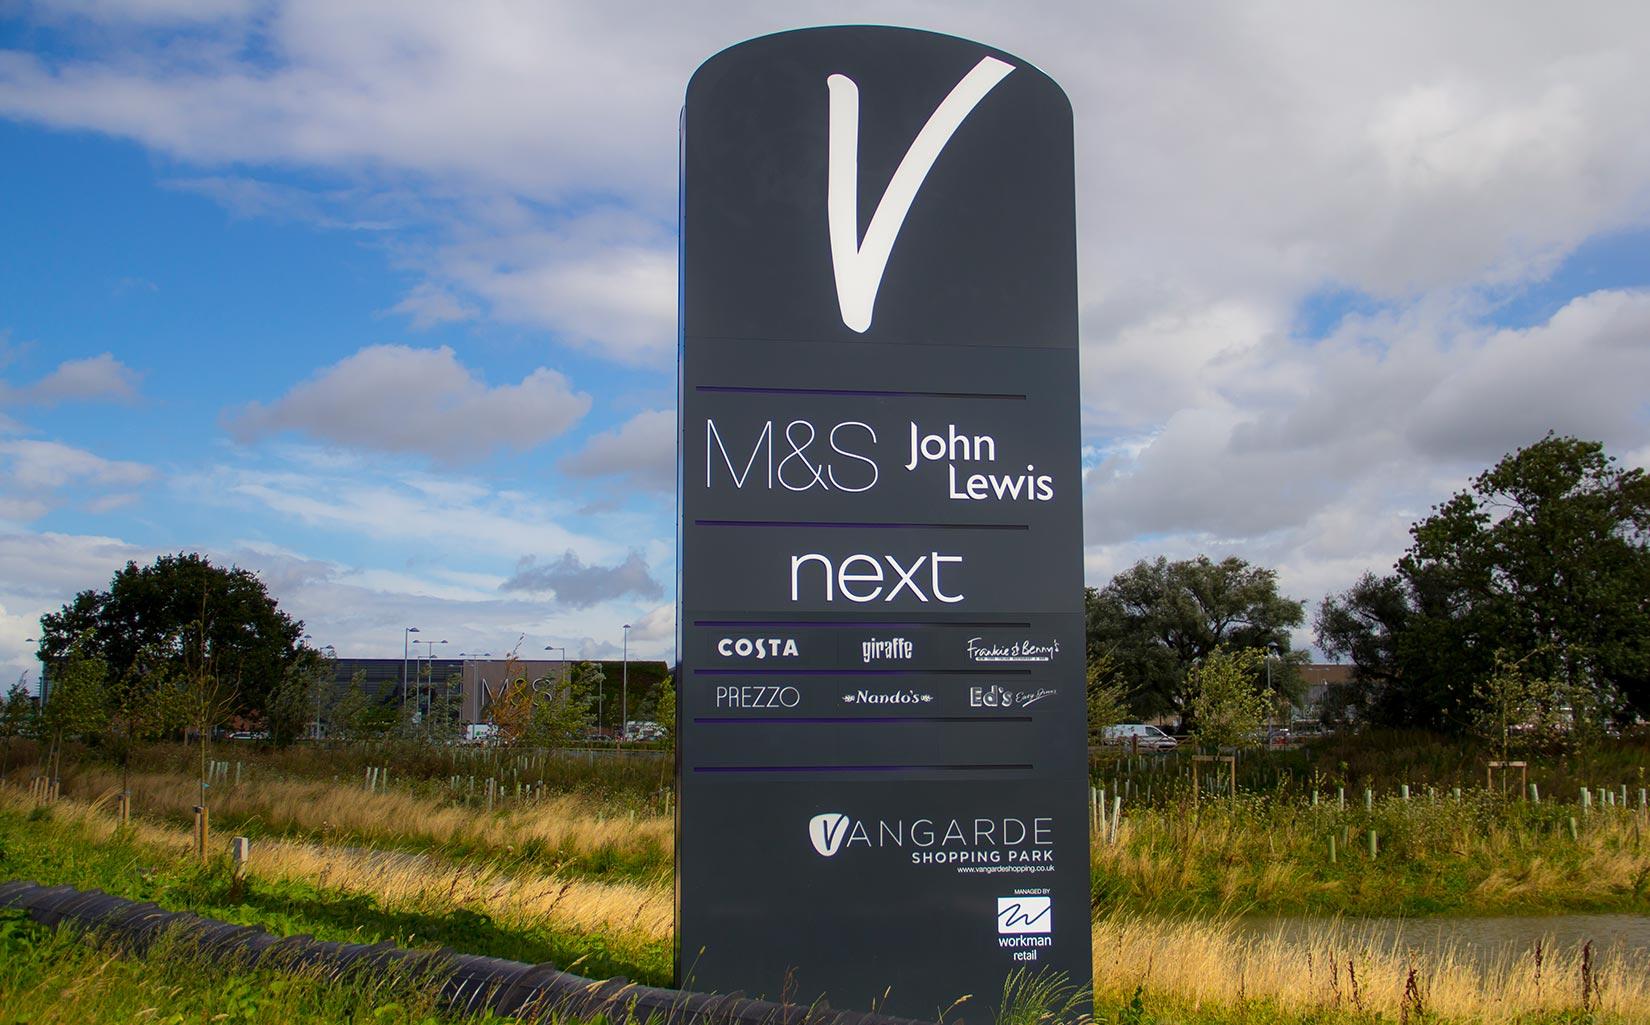 Vangarde Shopping Park, York, Signage